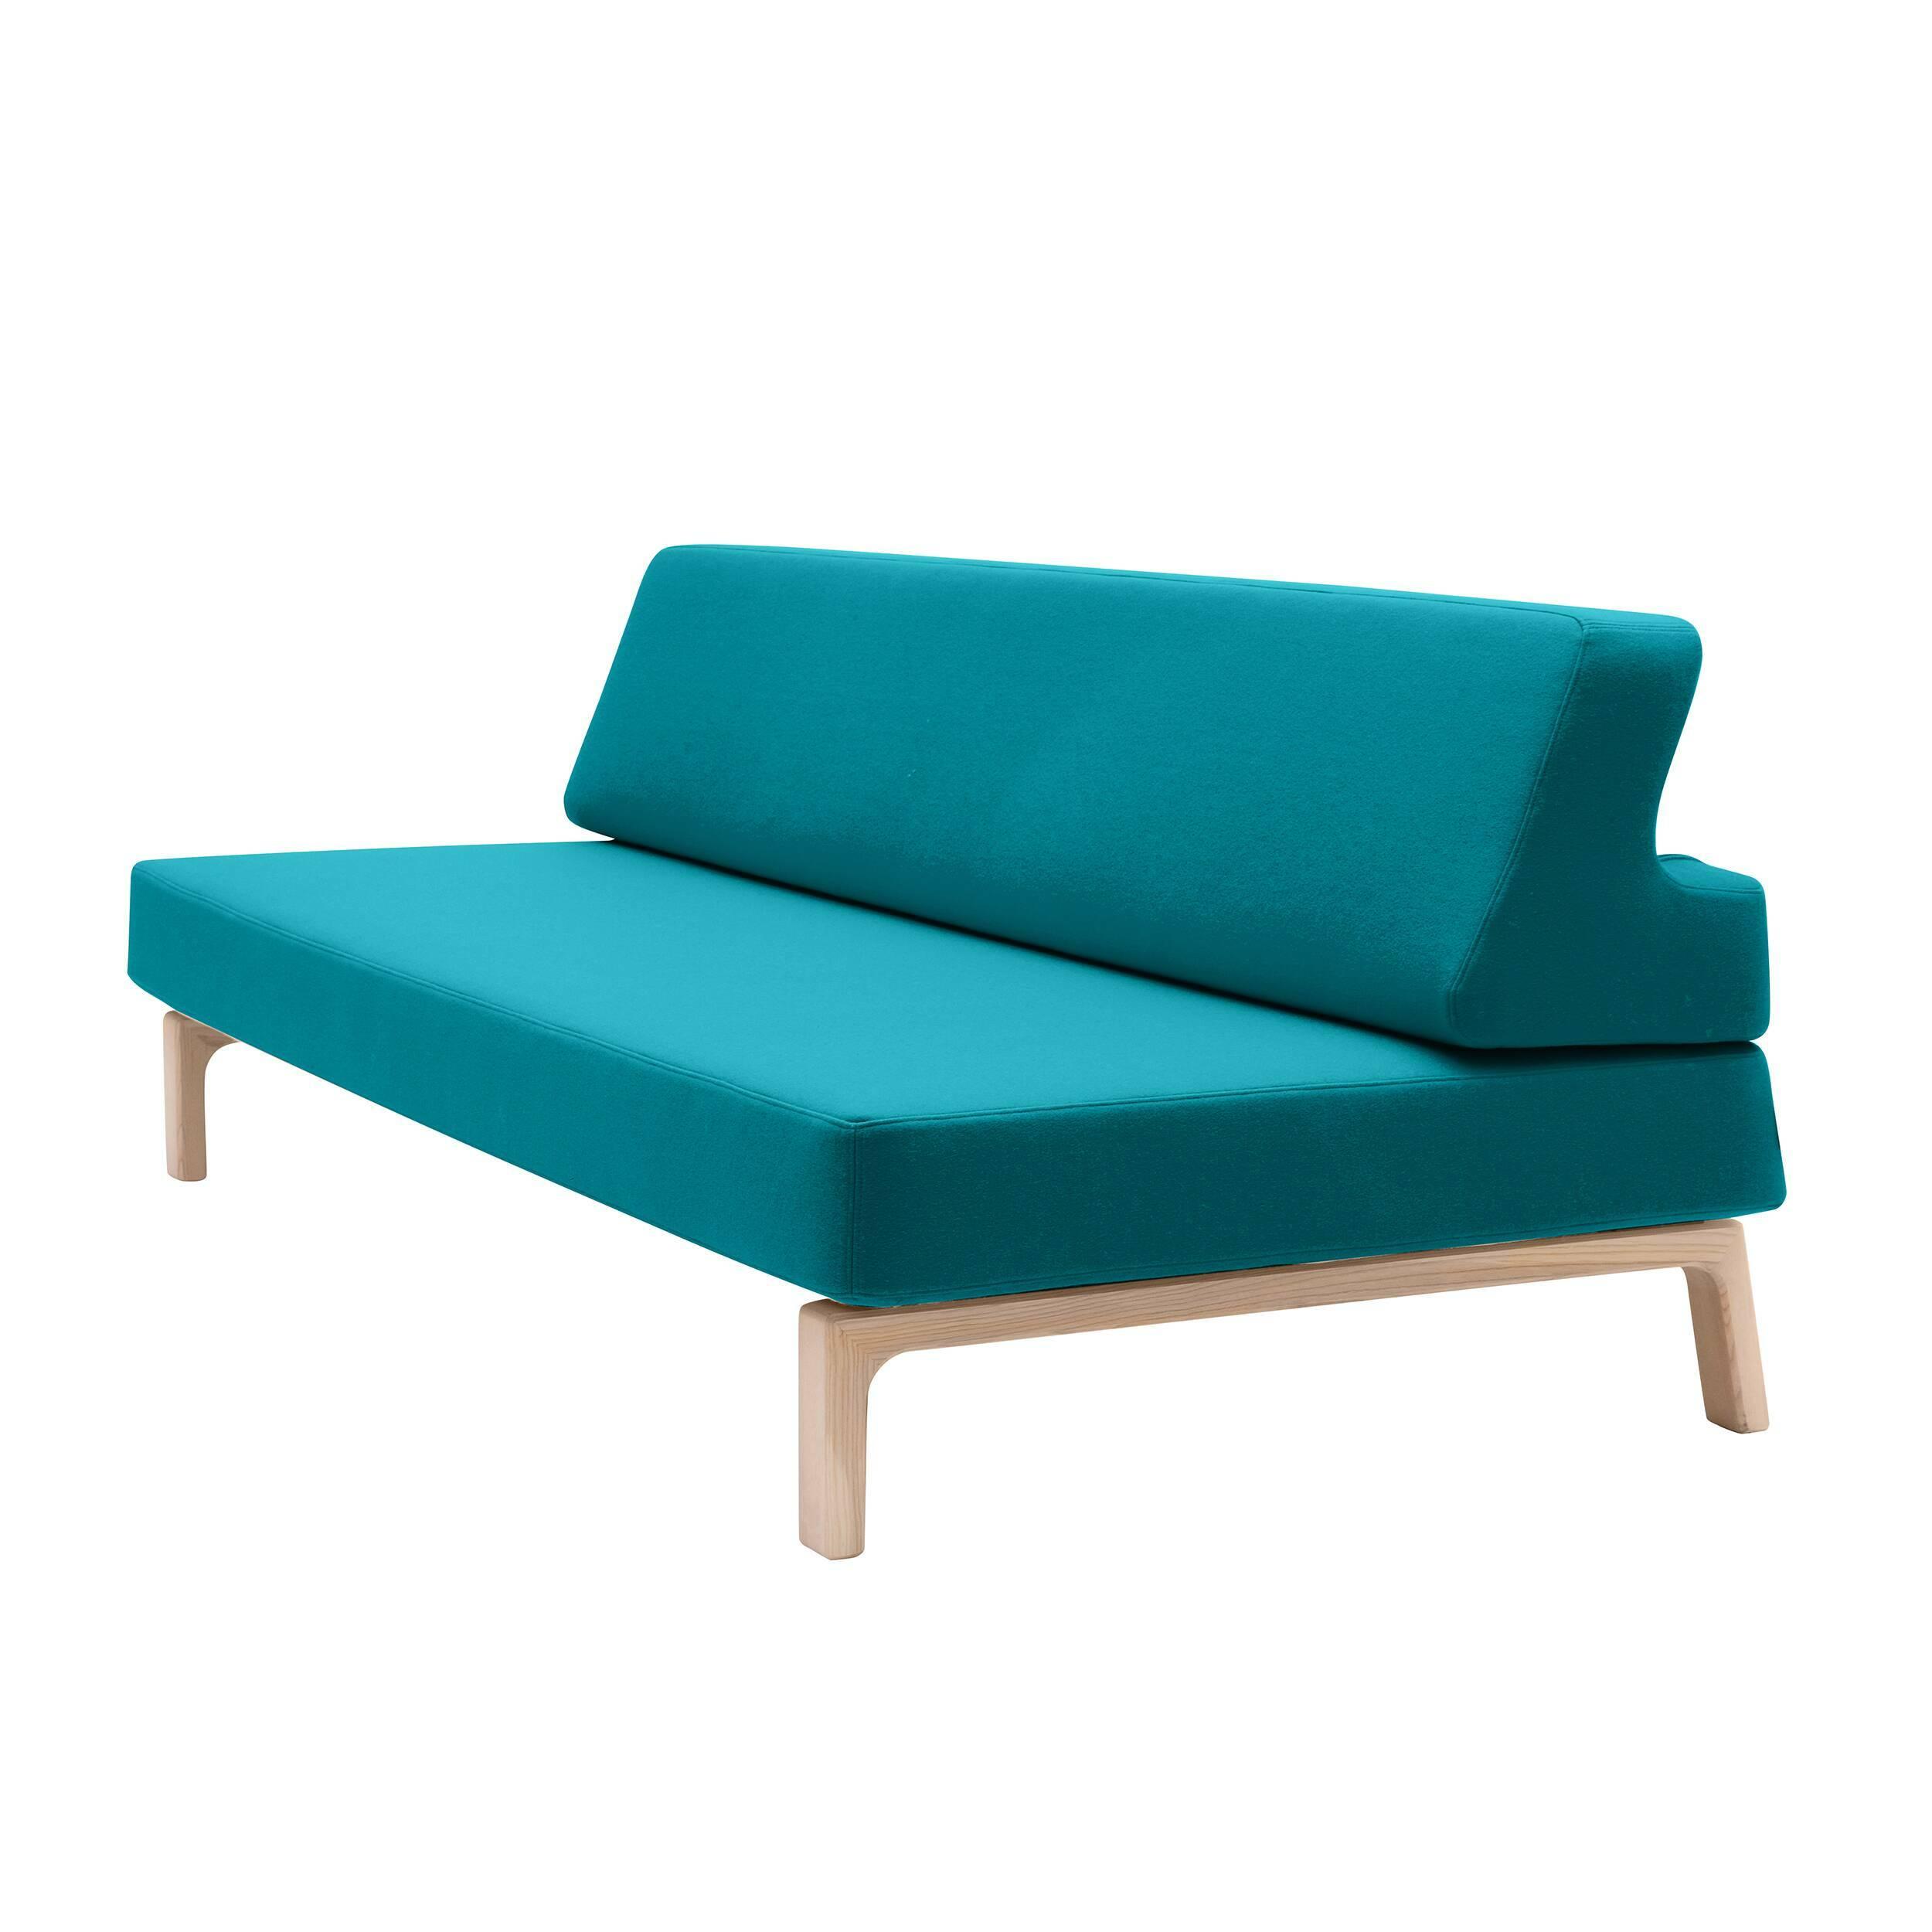 Диван LazyРаскладные<br>Дизайнерский диван Lazy выполнен в очень простой и понятной манере. Диван обладает лаконичной формой и отличается отсутствием лишних деталей и декора. Изюминкой дивана являются его высокие ножки и небесно-голубой цвет. В сочетании эти два фактора дают эффект воздушности и легкости, что, в свою очередь, придает интерьеру больше свежести и визуально увеличивает пространство.<br><br><br> Главная фишка дивана — его раскладной механизм. Нужно лишь откинуть назад спинку, и удобная кровать готова! Эт...<br><br>stock: 0<br>Высота: 77<br>Высота сиденья: 38<br>Глубина: 144<br>Длина: 199<br>Цвет ножек: Светло-коричневый<br>Механизмы: Раскладной<br>Материал ножек: Массив ясеня<br>Материал обивки: Шерсть, Полиамид<br>Коллекция ткани: Felt<br>Тип материала обивки: Ткань<br>Тип материала ножек: Дерево<br>Размер спального места (см): 199х131<br>Цвет обивки: Бирюзовый